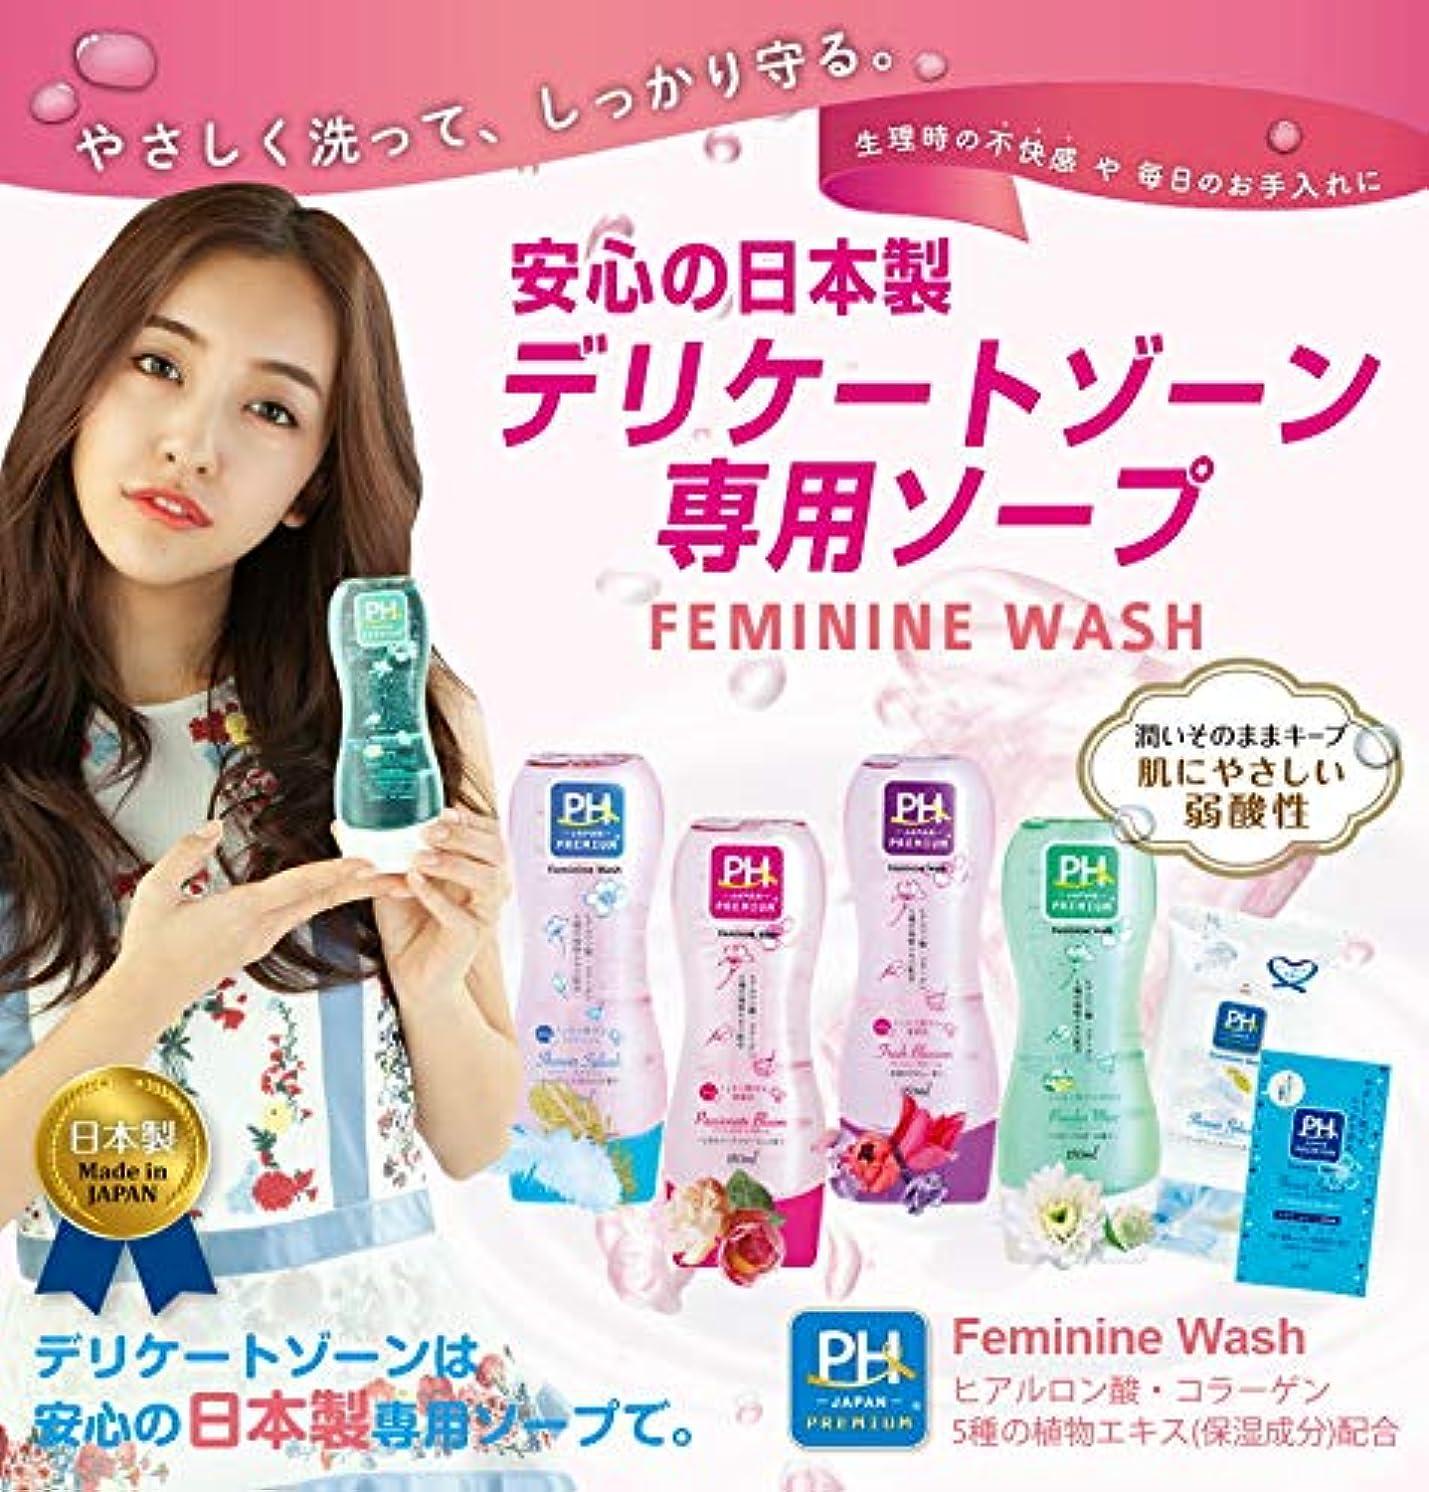 滴下解読する集中的なパッショネイトブルーム4本セット PH JAPAN フェミニンウォッシュ 上品なローズフローラルの香り